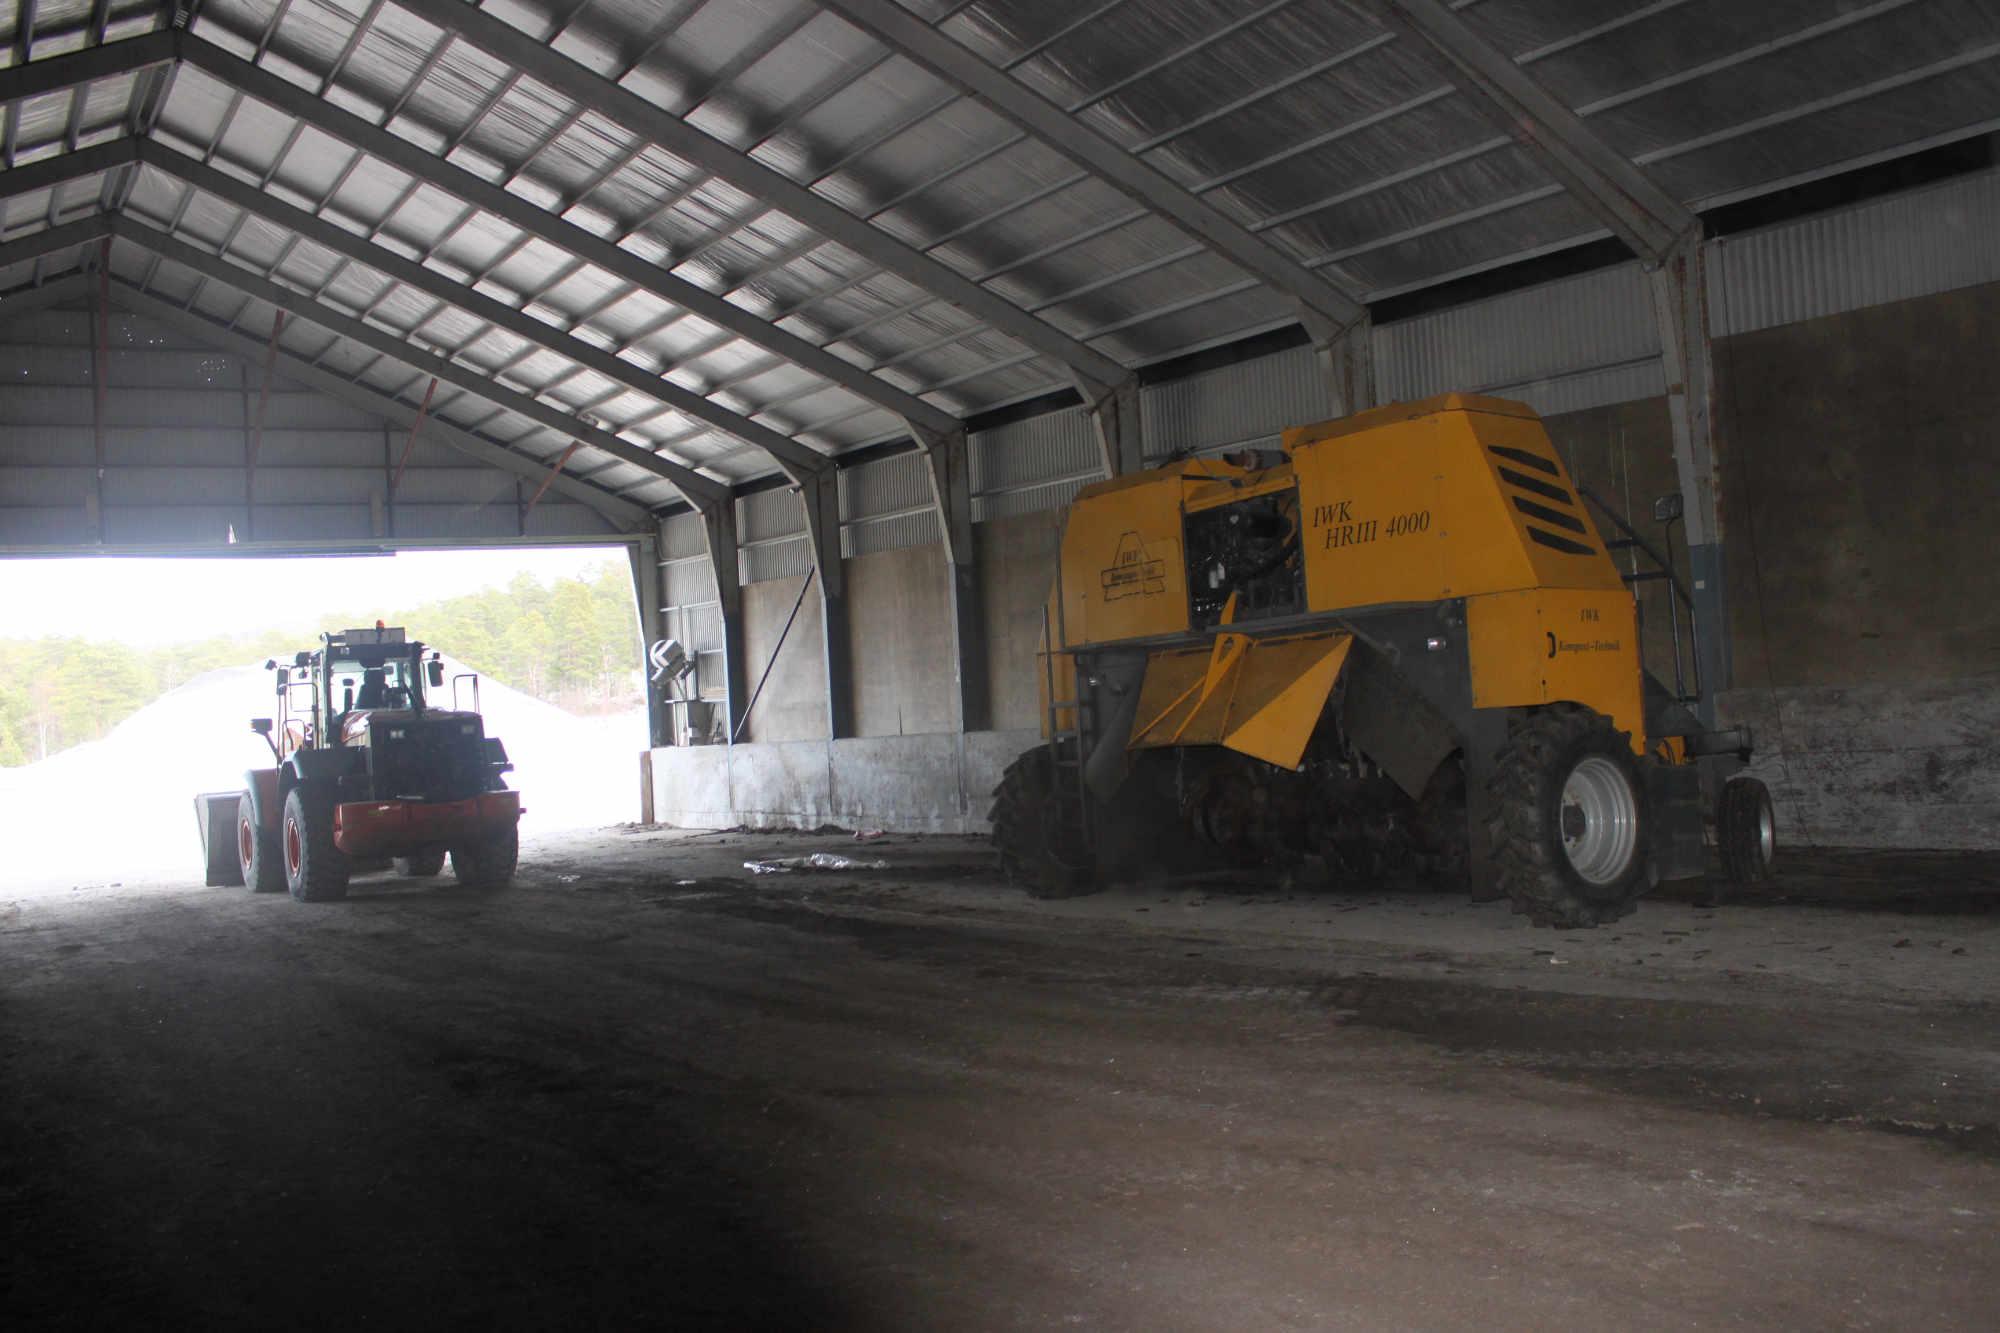 Komposteringshallen ved Vestnes Renovasjon